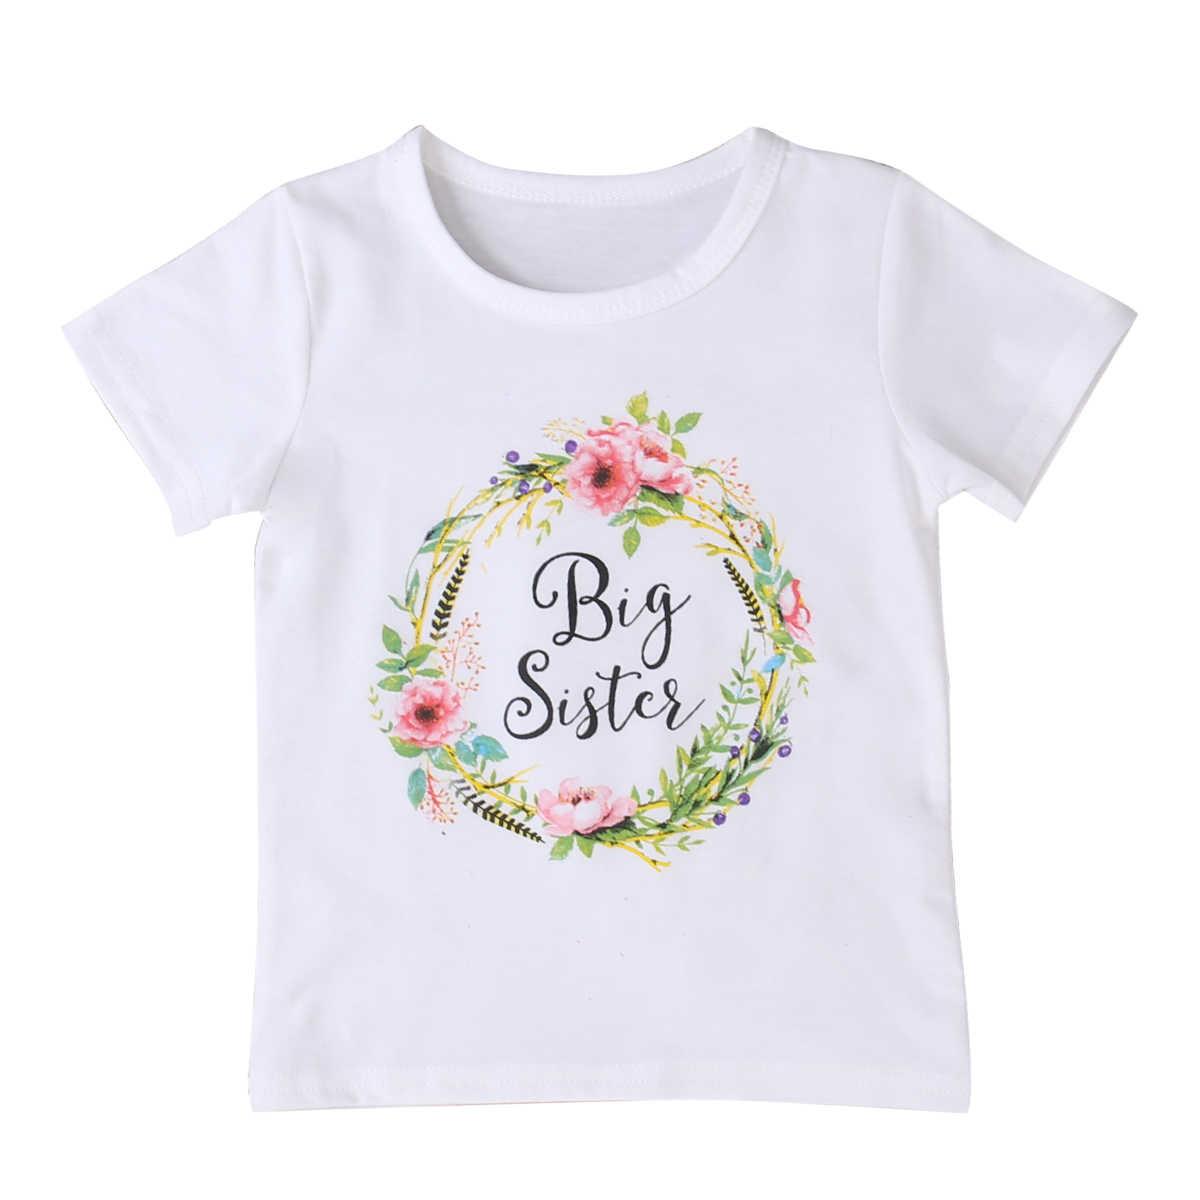 Ropa a juego de la familia del verano bebé niños niña pequeña hermana mayor partido mono mameluco y camiseta trajes de la familia